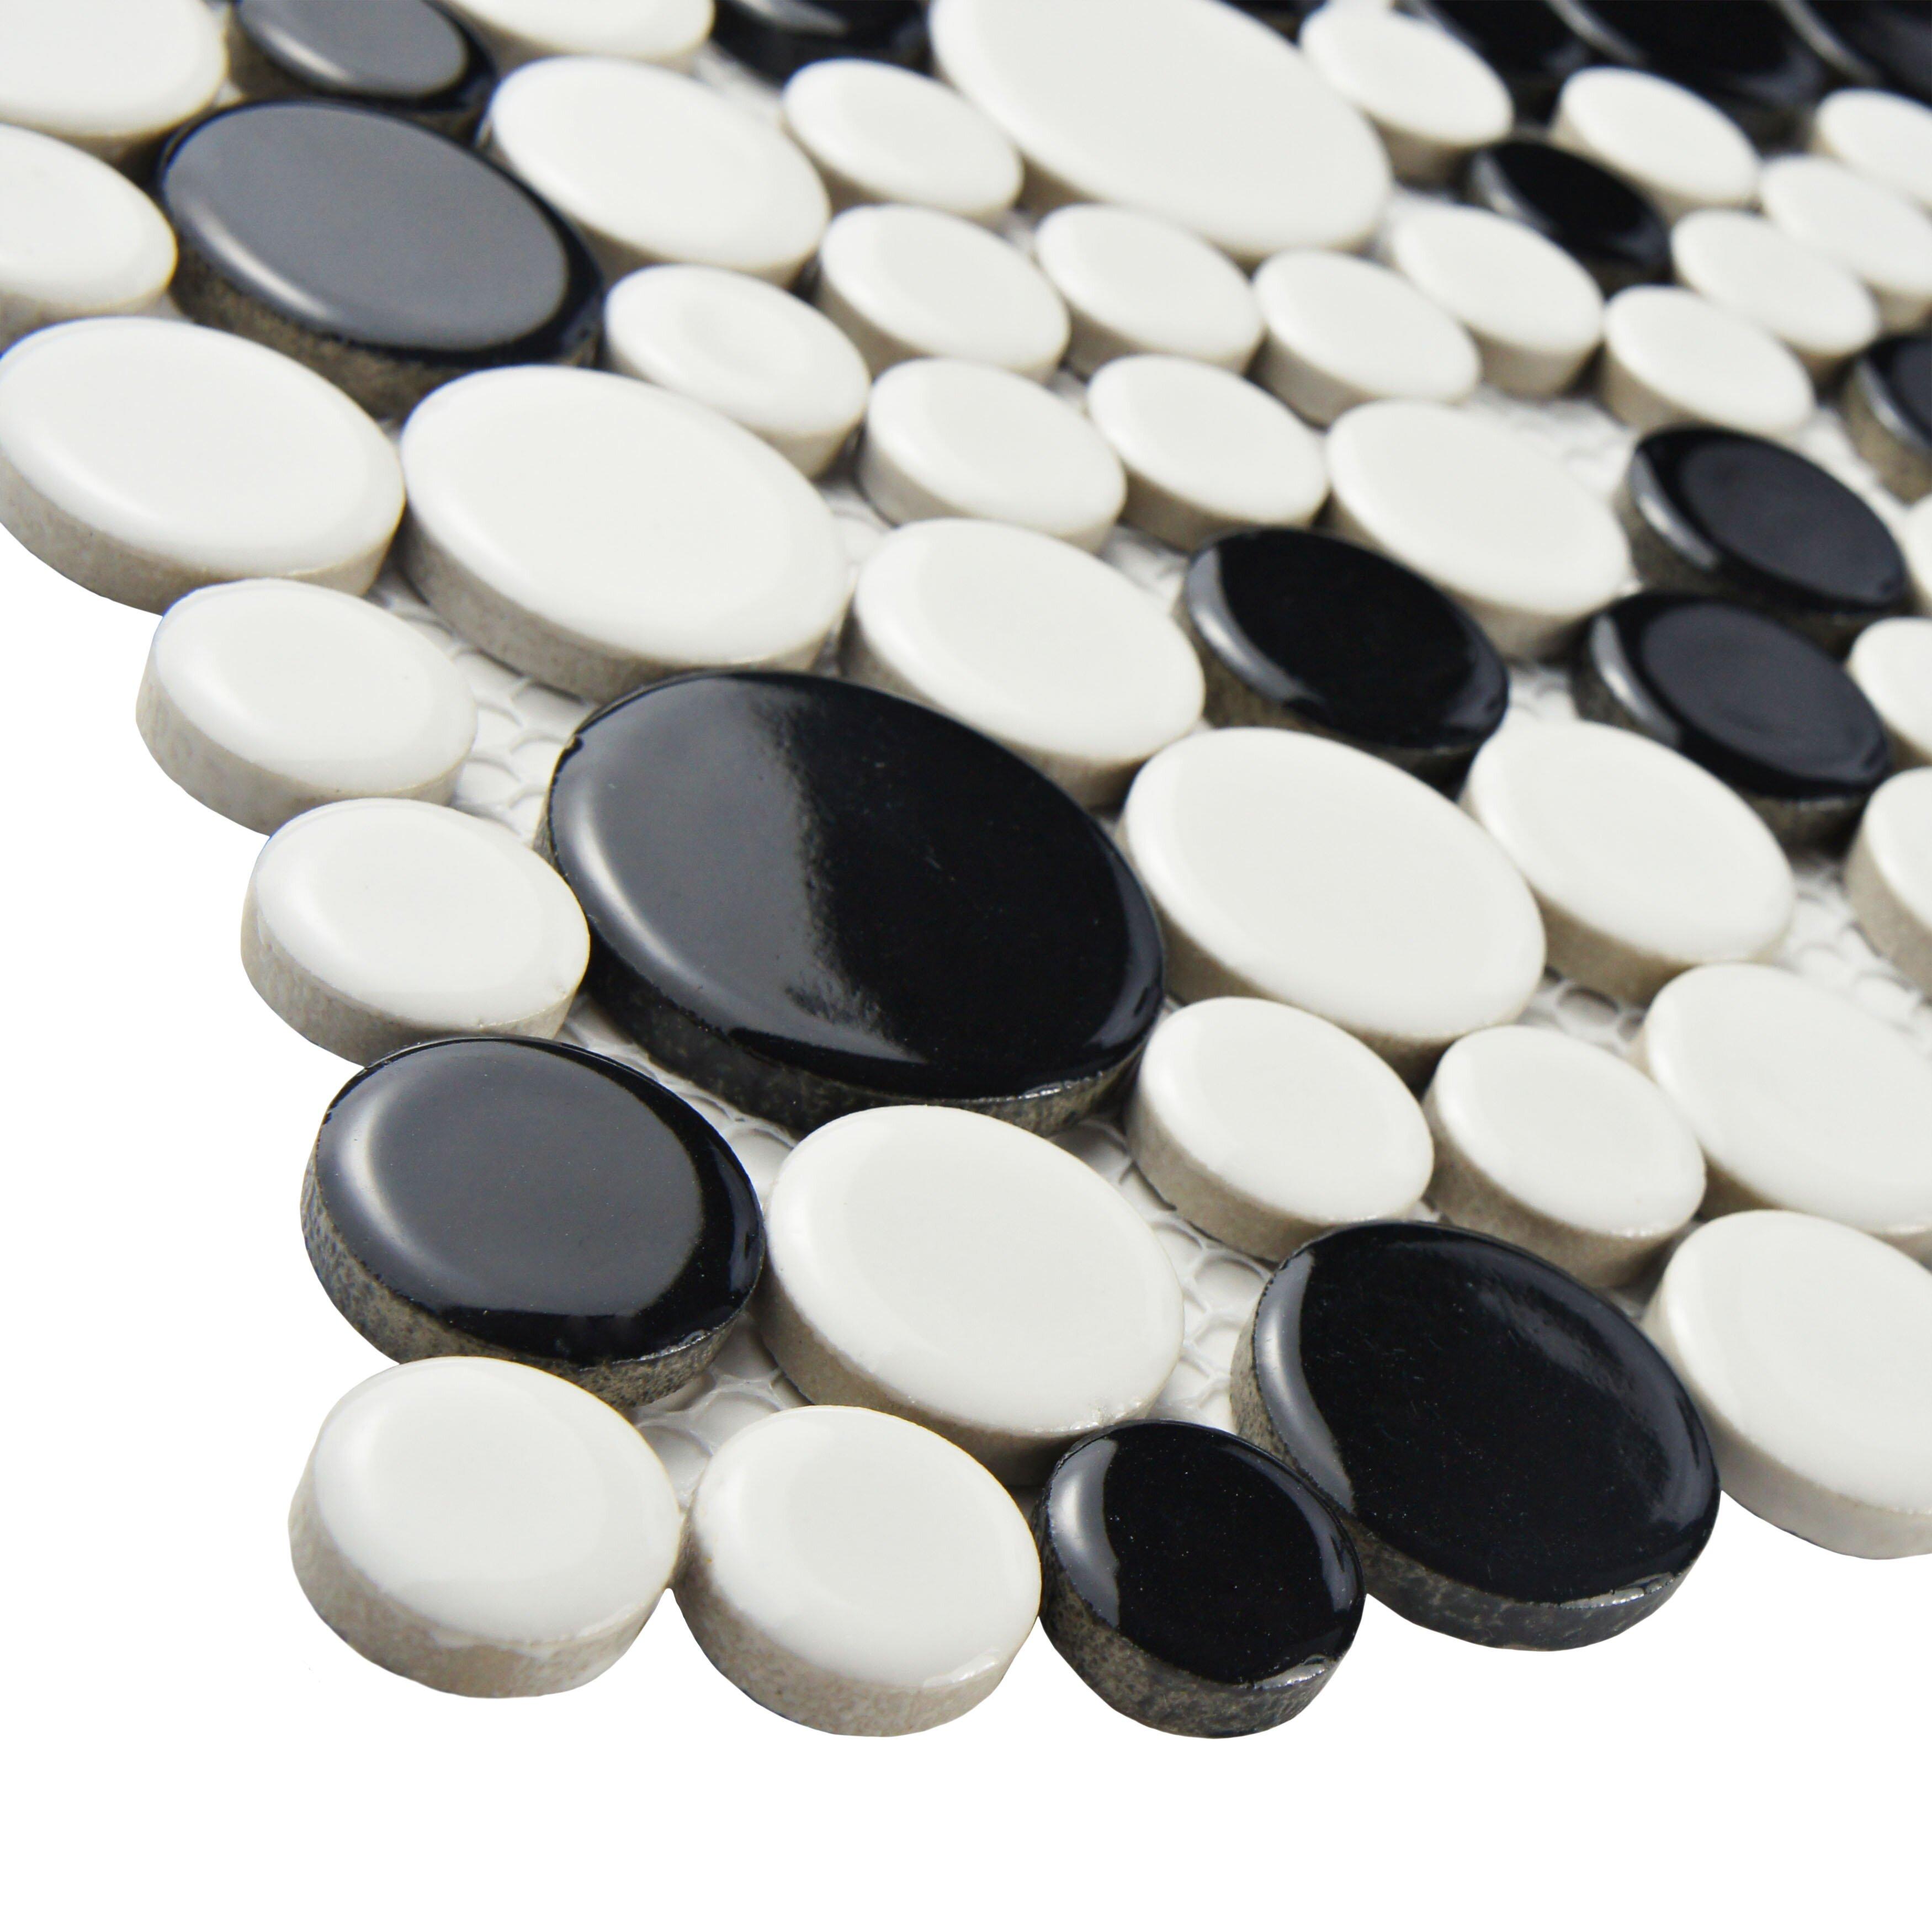 Elitetile retro bubble 12 x 12 porcelain mosaic floor for 12 x 12 white floor tile